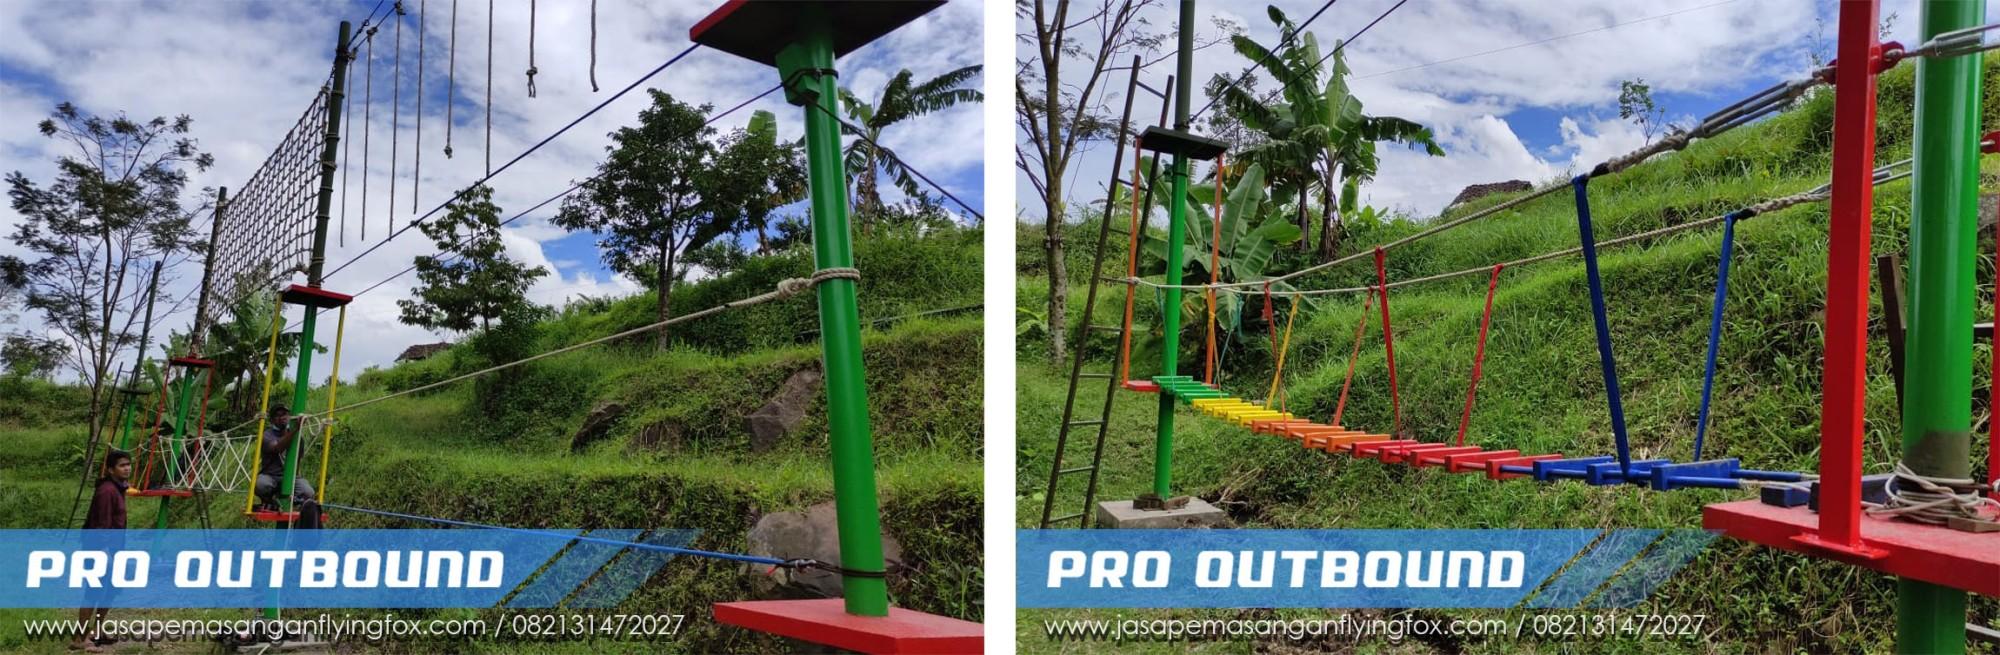 Penyedia Highrope Games Untuk Anak Anak di Kota Wisata Batu, Pembuatan Wahana Outbound Batu - 082131472027 (2)